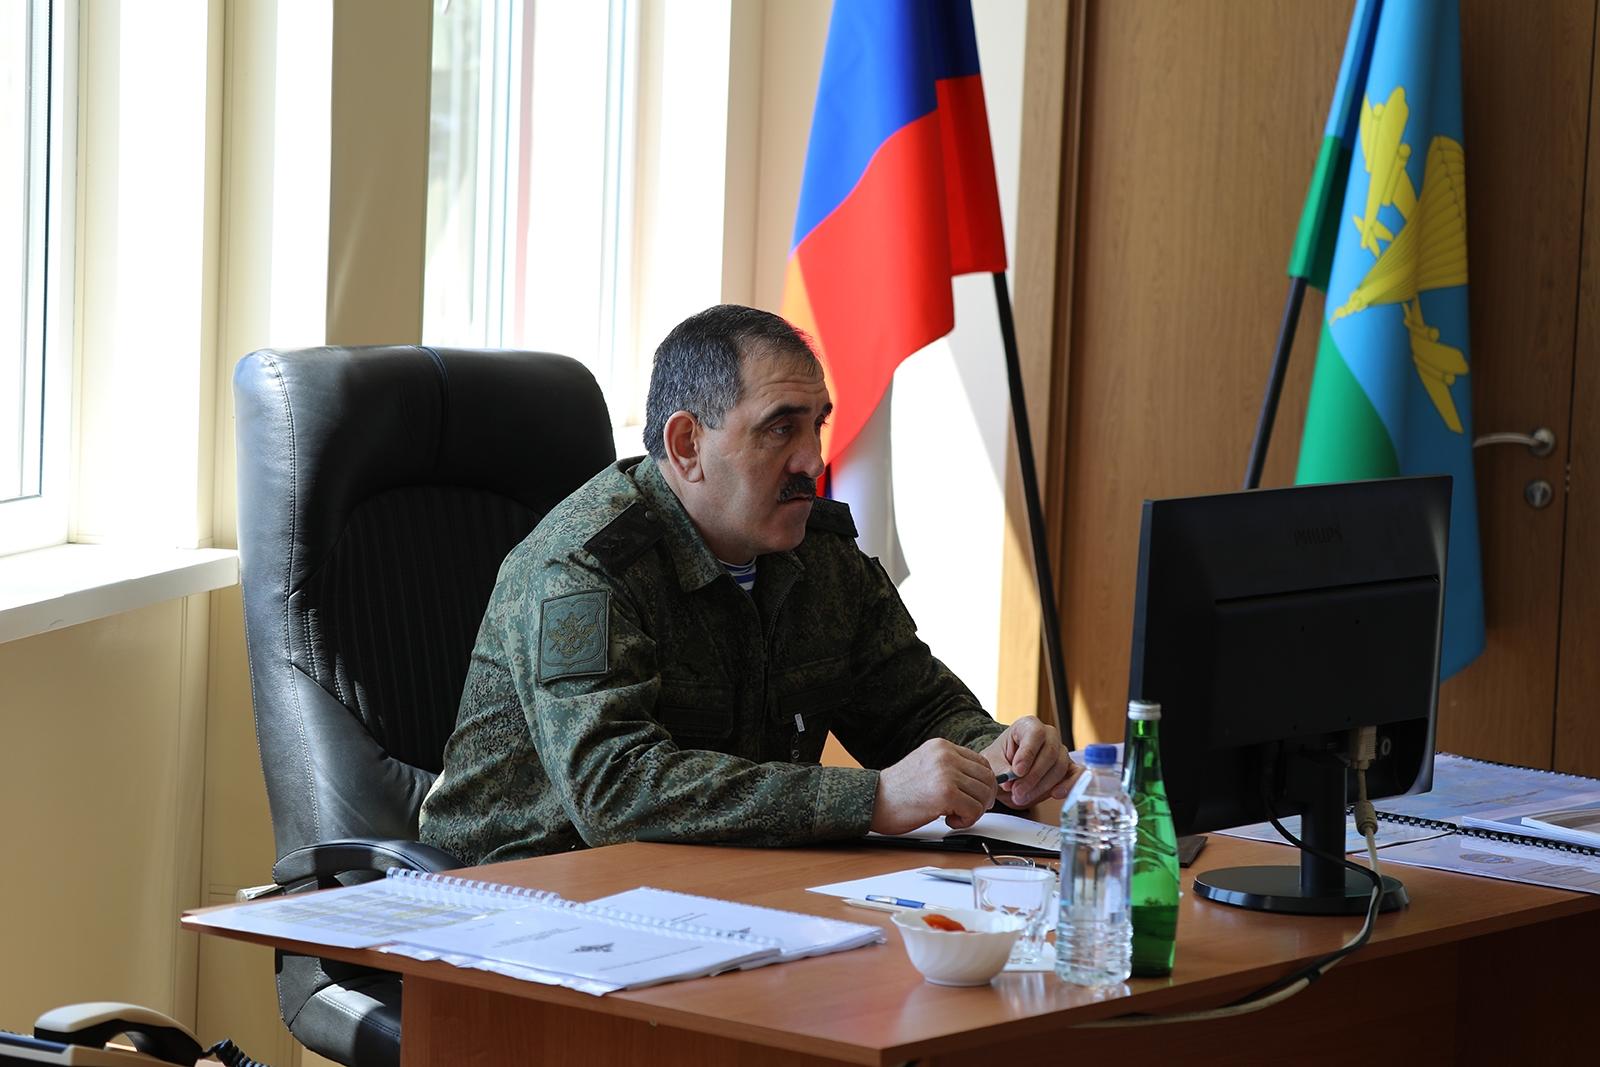 Замминистра обороны РФ Юнус-Бек Евкуров проверил состояние полигона в Раевской под Новороссийском